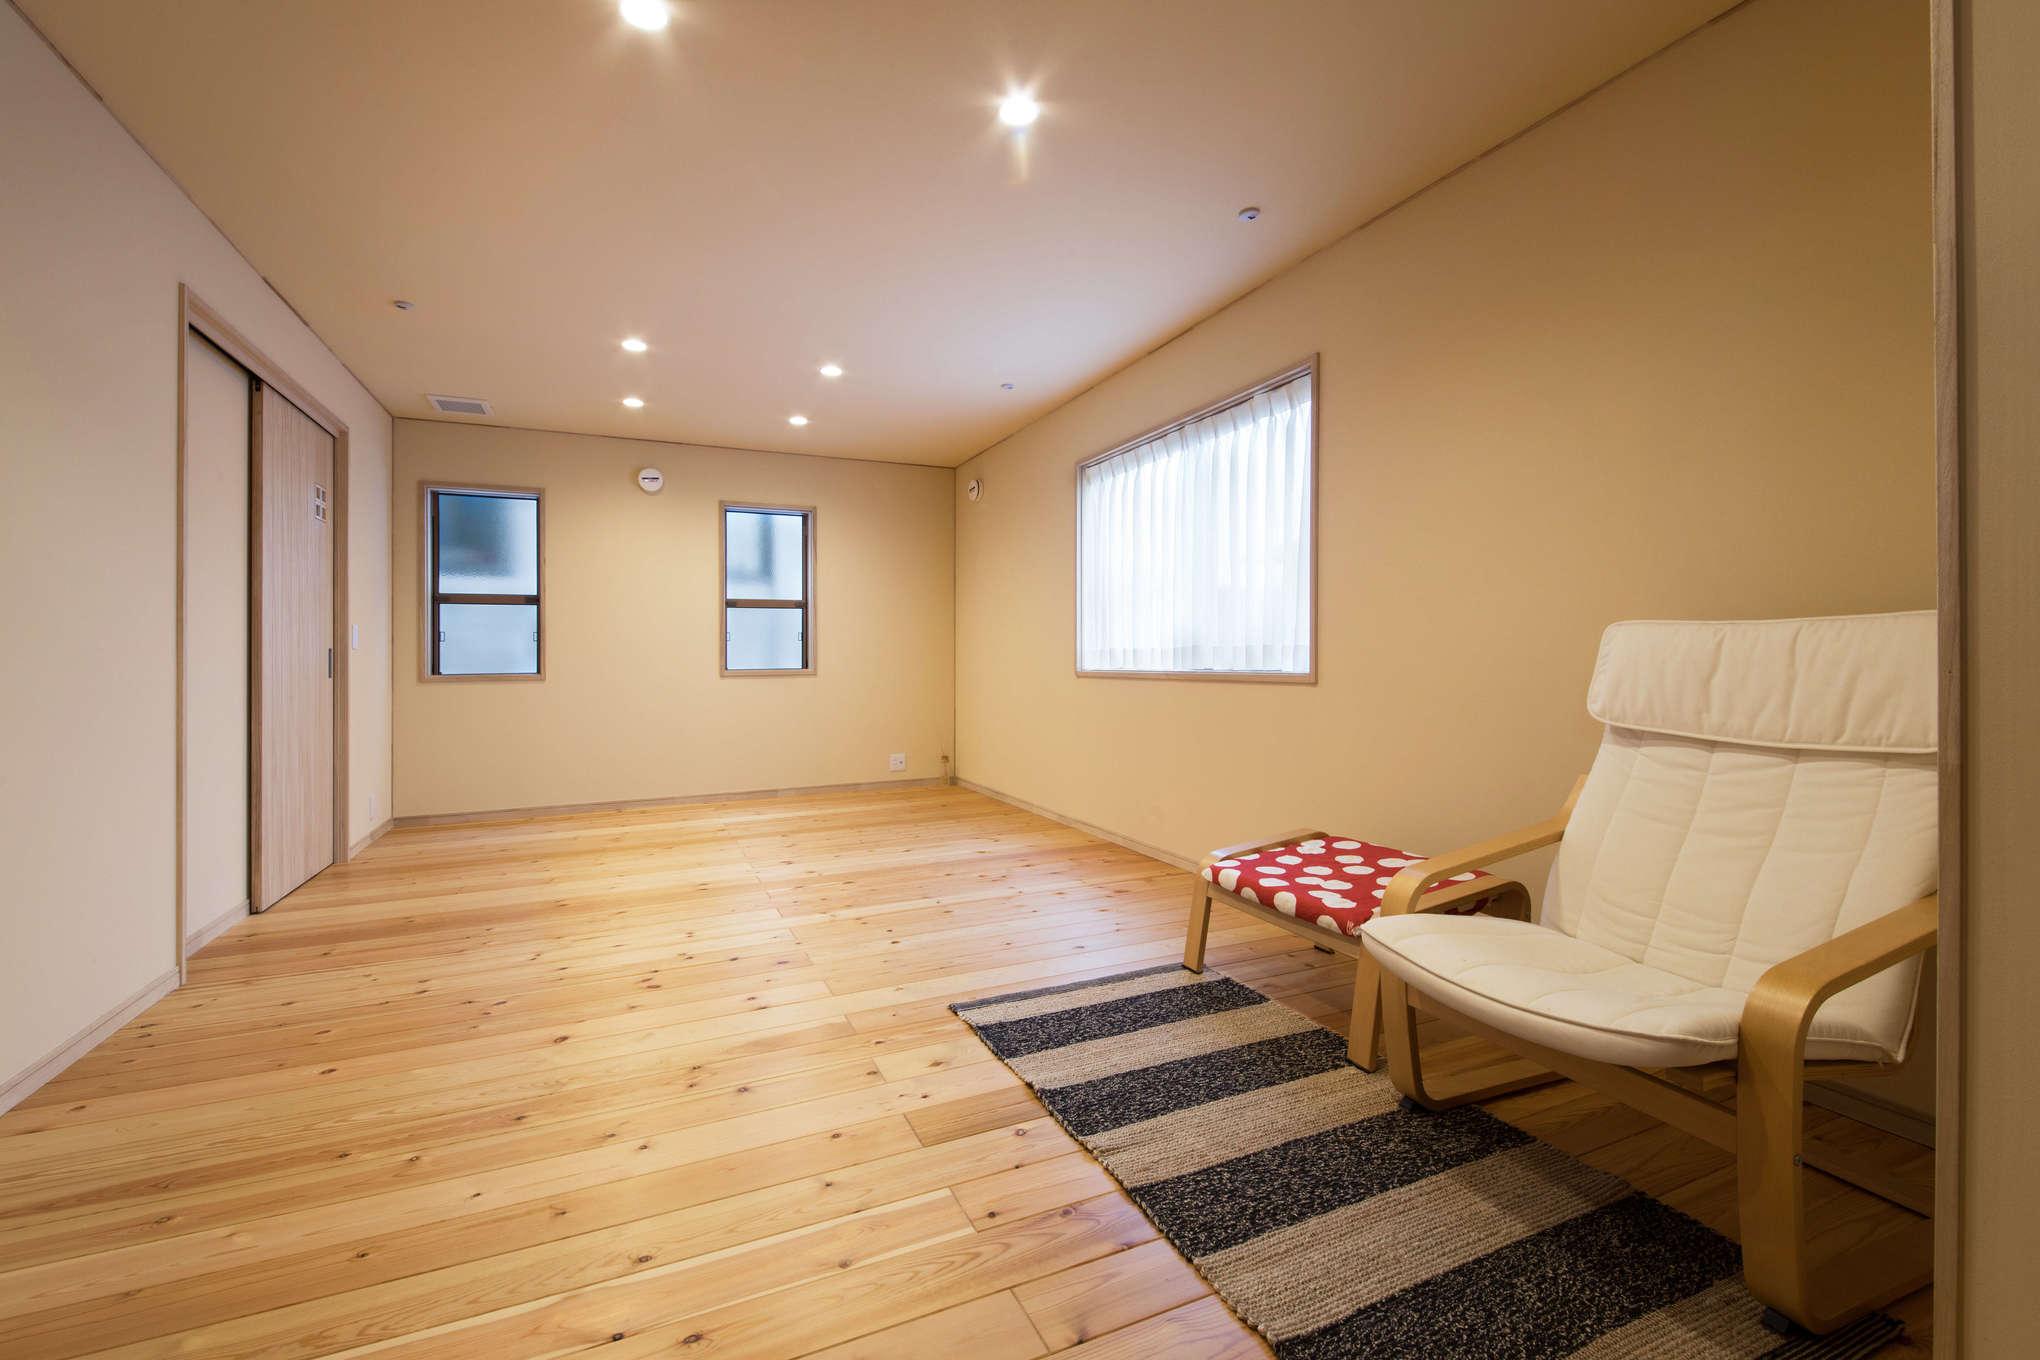 瀧口建設【1000万円台、デザイン住宅、子育て】2階フリースペースは、将来子ども部屋として活用予定。2つに分けられるように、収納も2つ用意した。室内を必要以上に区切らず、ライフスタイルに合わせてアレンジできるよう配慮。ミニマルな暮らしのお手本と言えそう